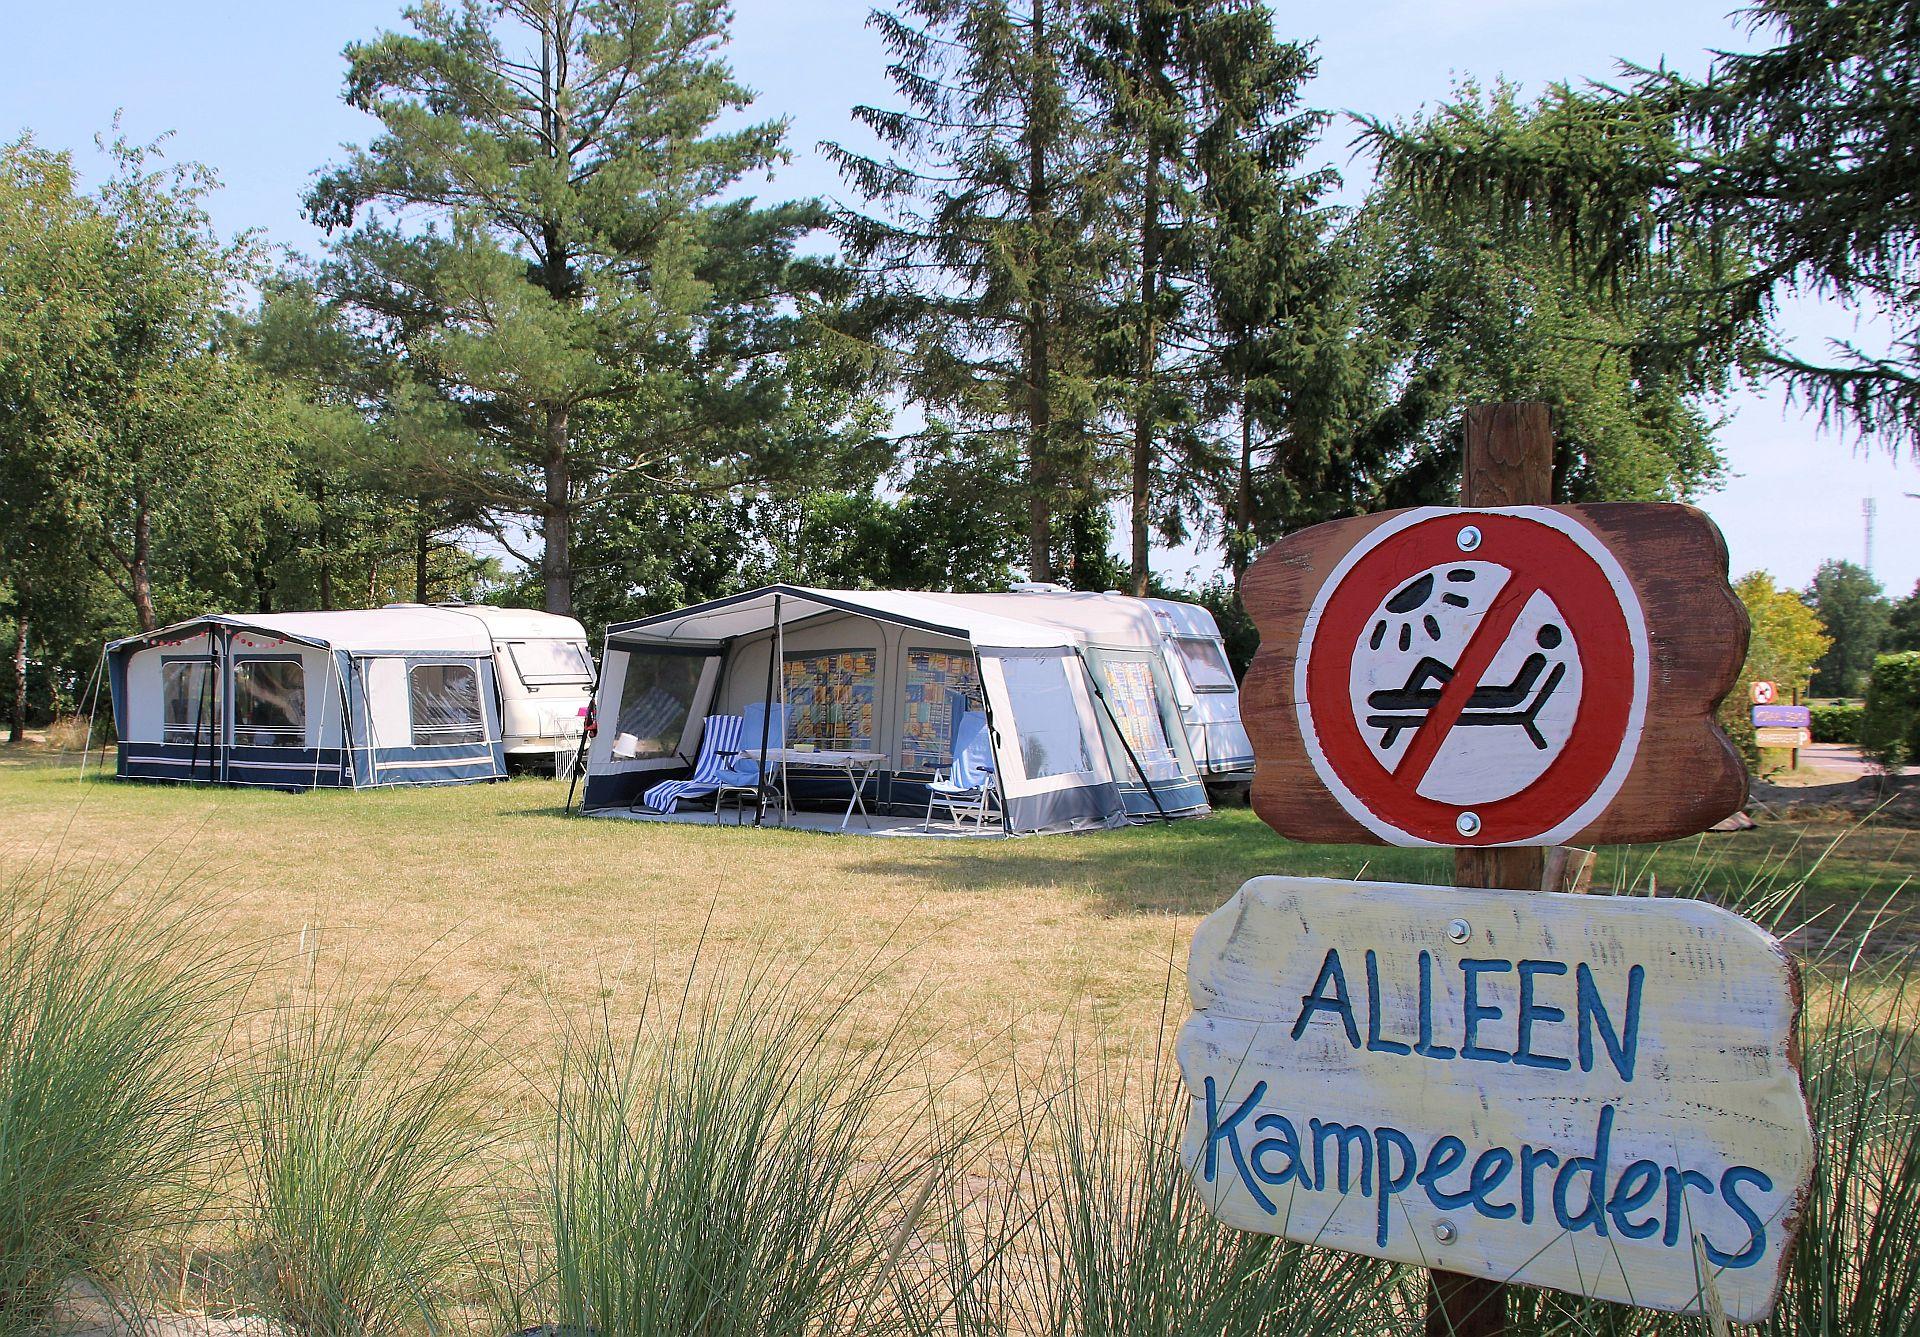 Kamperen in juli in Overijssel - Kamperen in juli in Overijssel Nederland